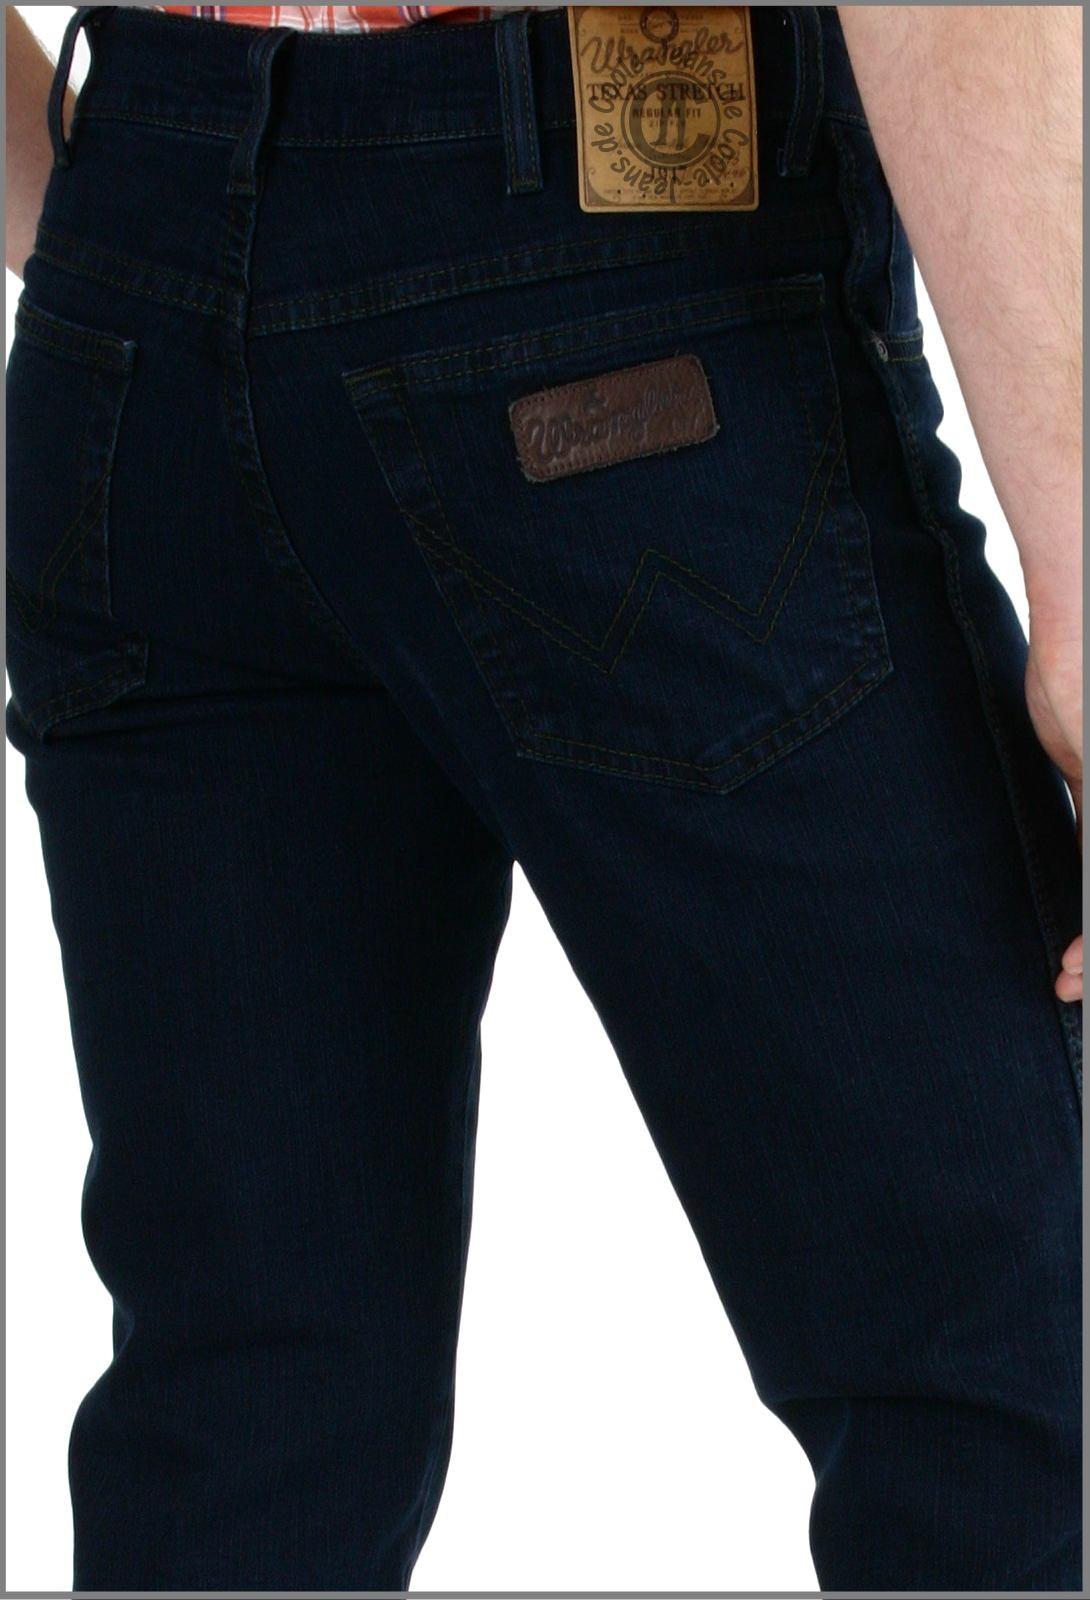 neuer Stil 23cbb a9a34 Wrangler Texas blue black Stretch Wrangler stretch Jeans